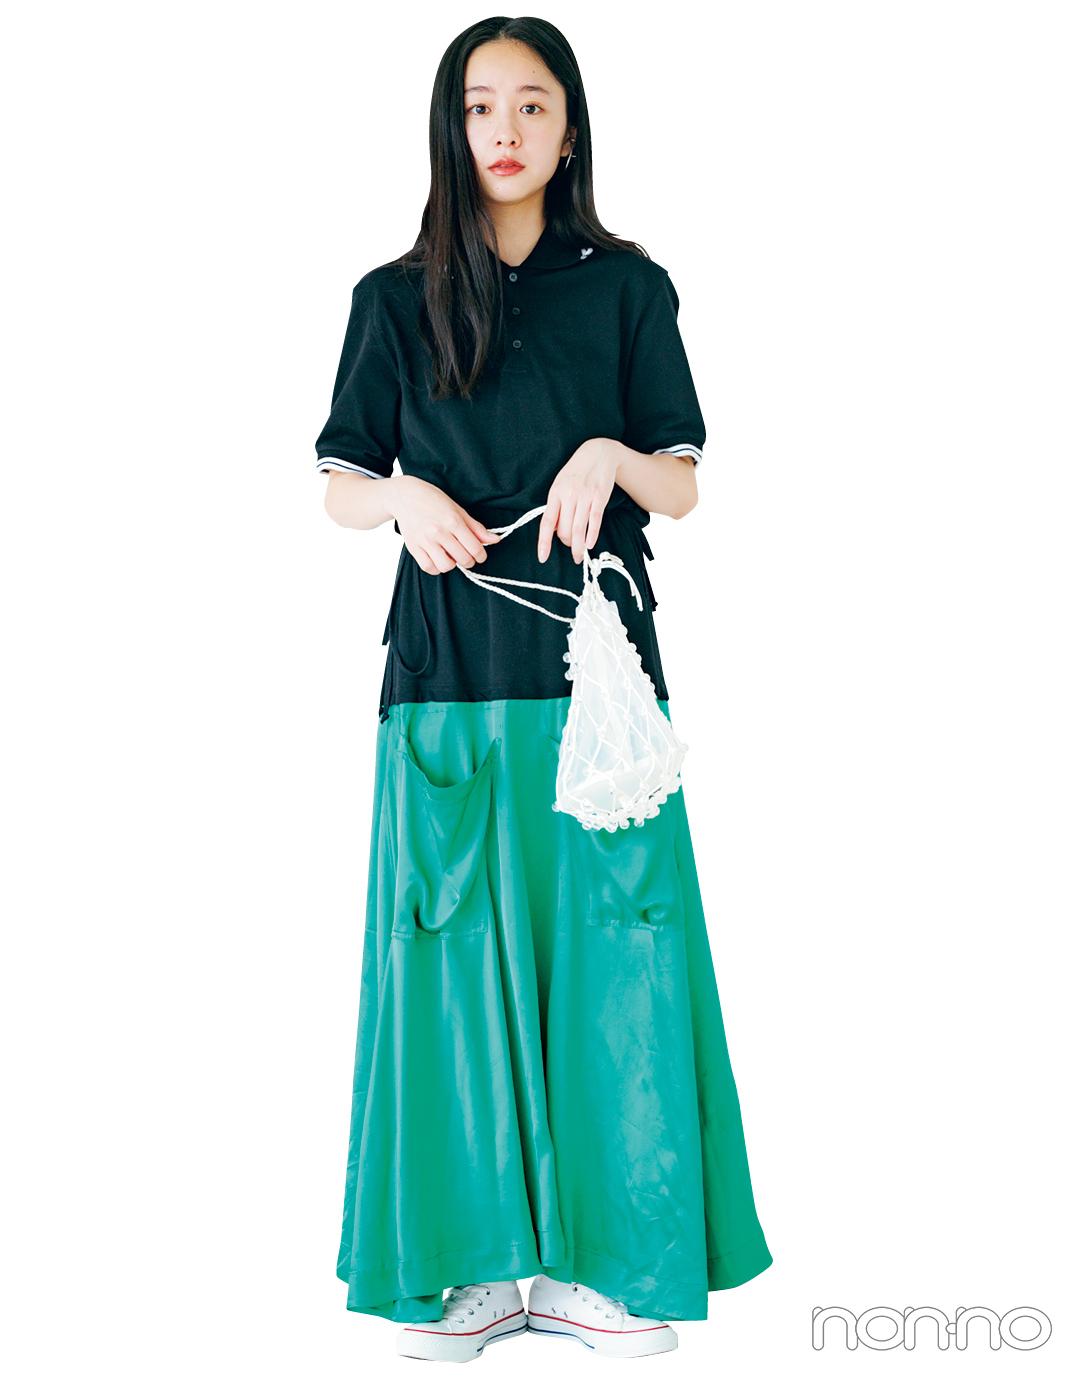 話題の#ほったさんの私服、見せて!vol.1 【ノンノモデルの夏私服:堀田真由】_1_2